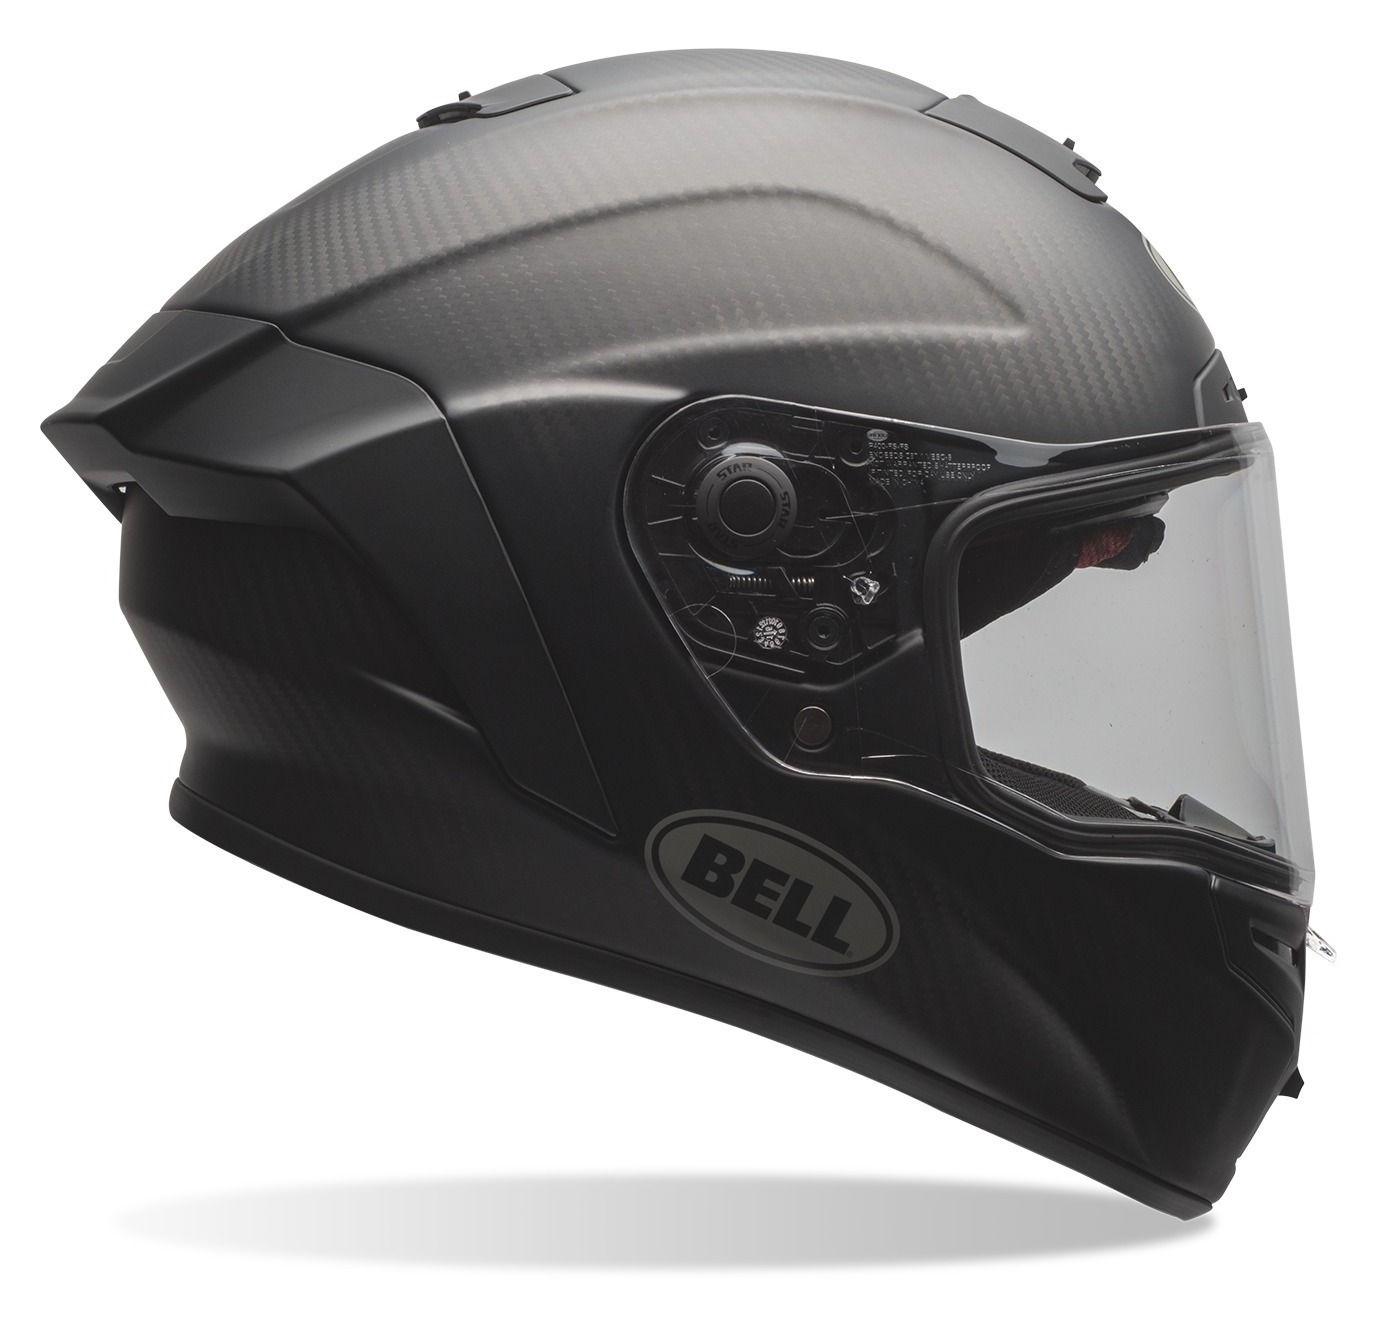 Bell Race Star Flex Dlx Helmet Revzilla Bell Helmet Motorcycle Helmets Motocross Helmets